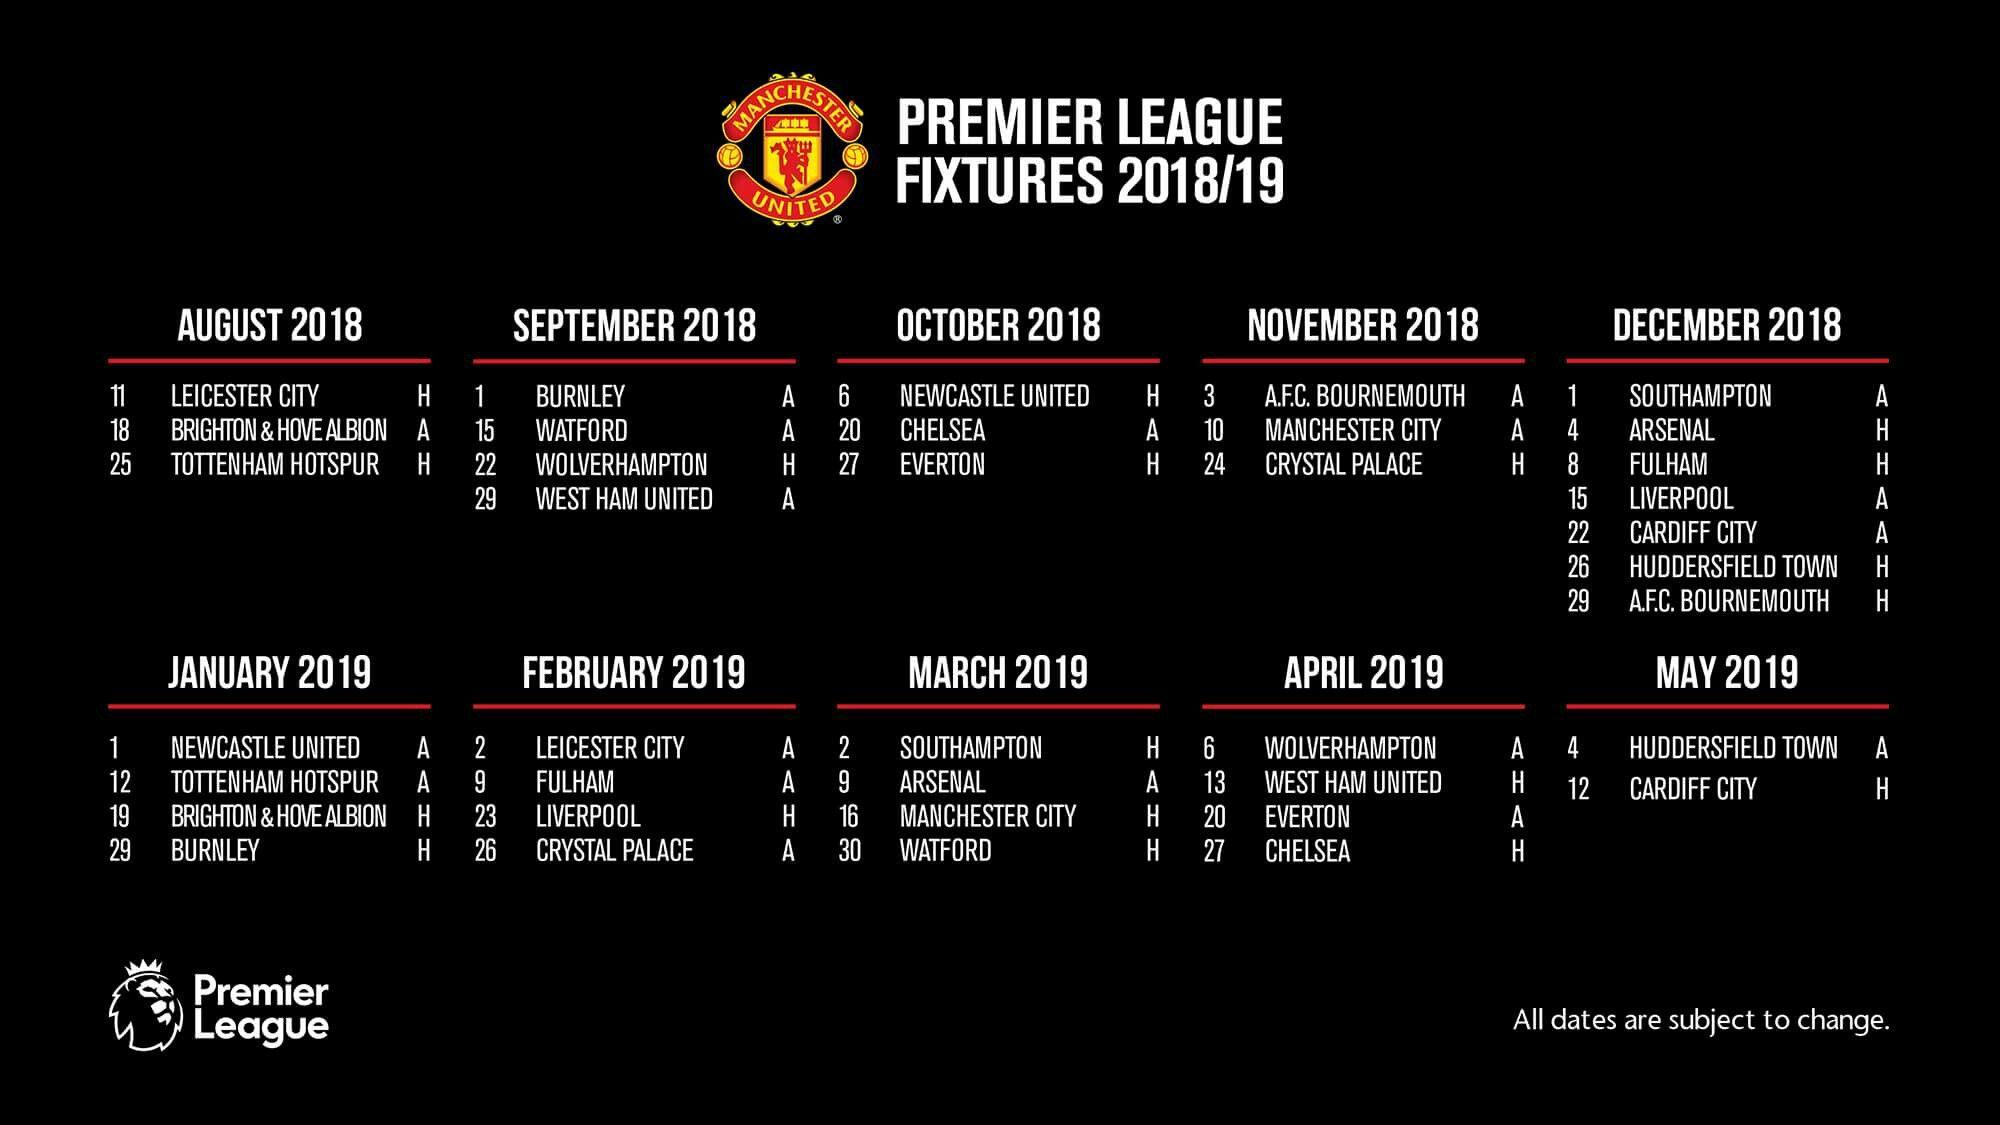 Manchester United Premier League Fixtures 2018 19